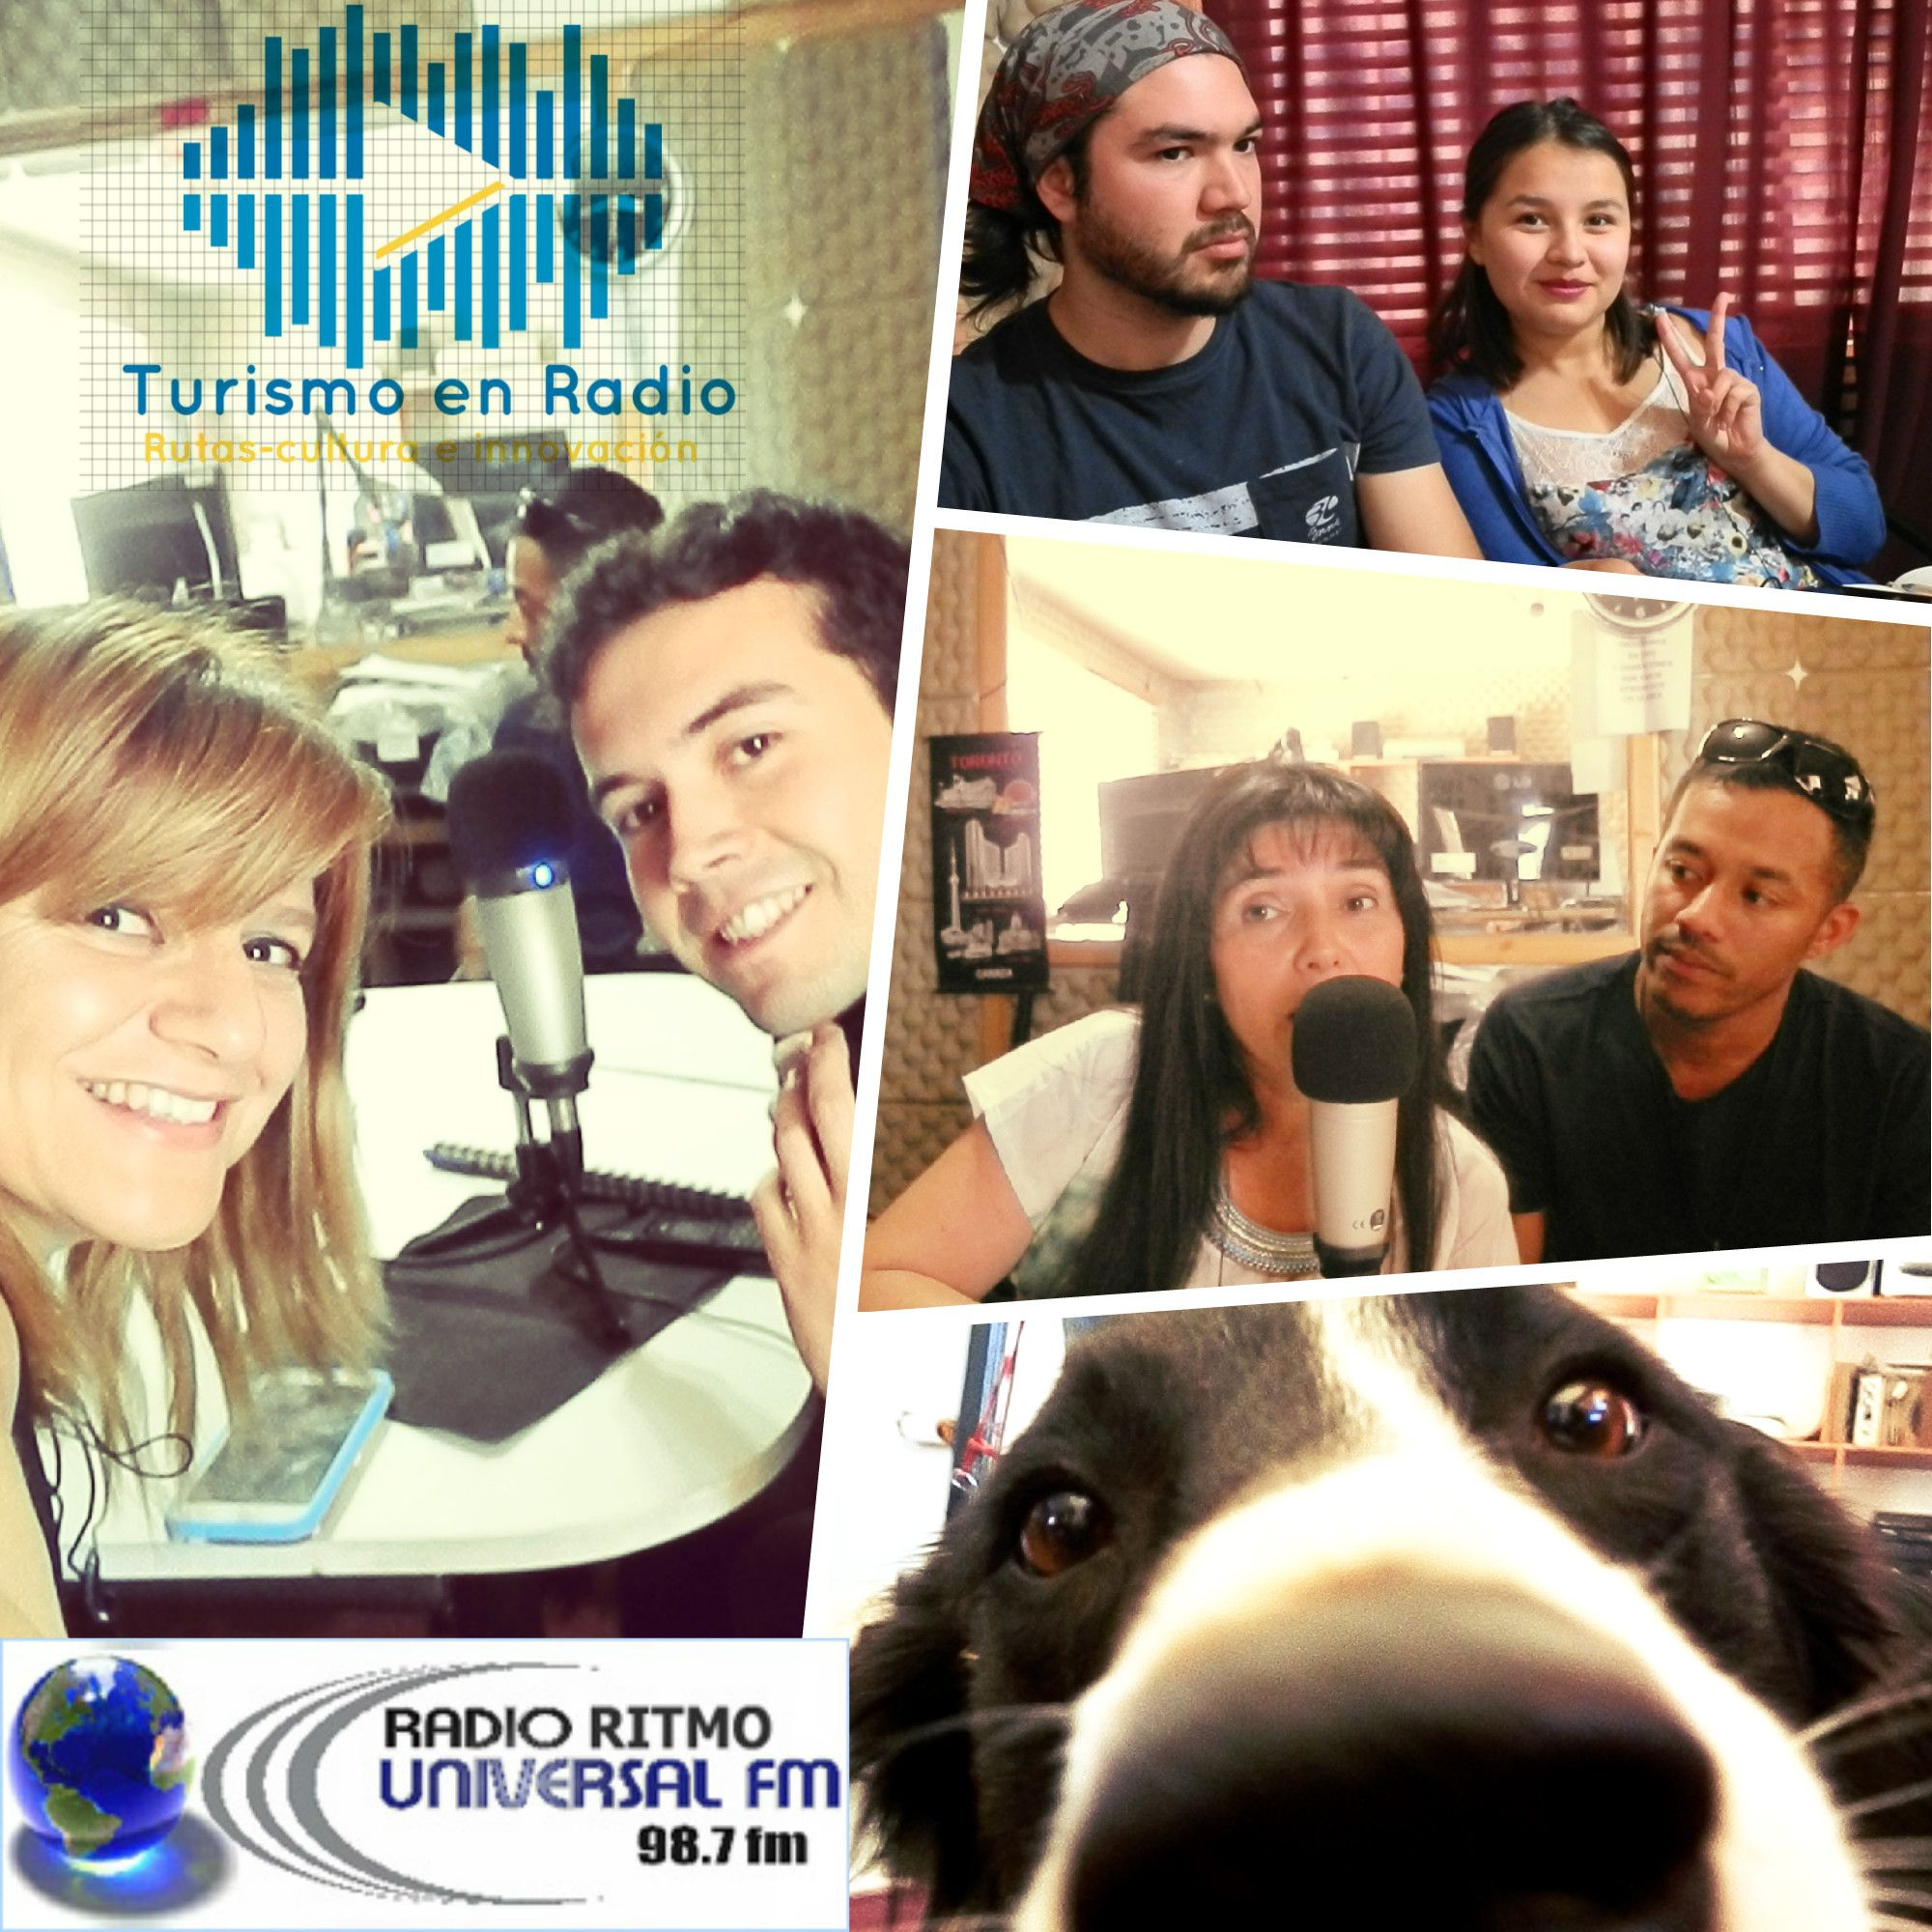 Invitados de Turismo en Radio